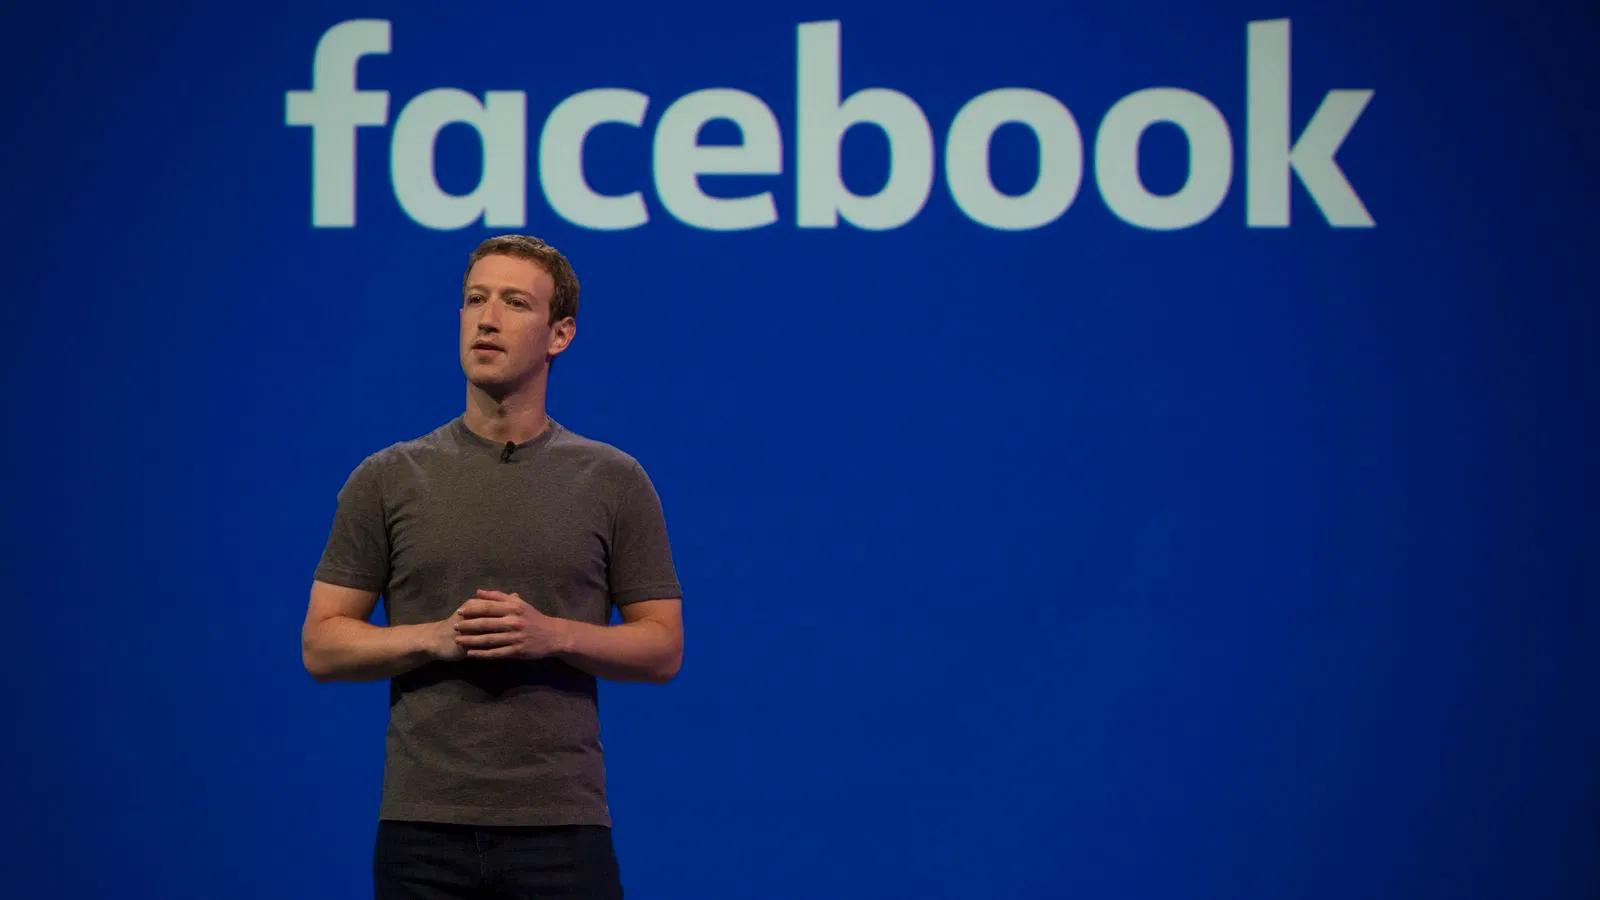 Facebook vale 1 trilhão de dólares após justiça rejeitar ação contra monopólio